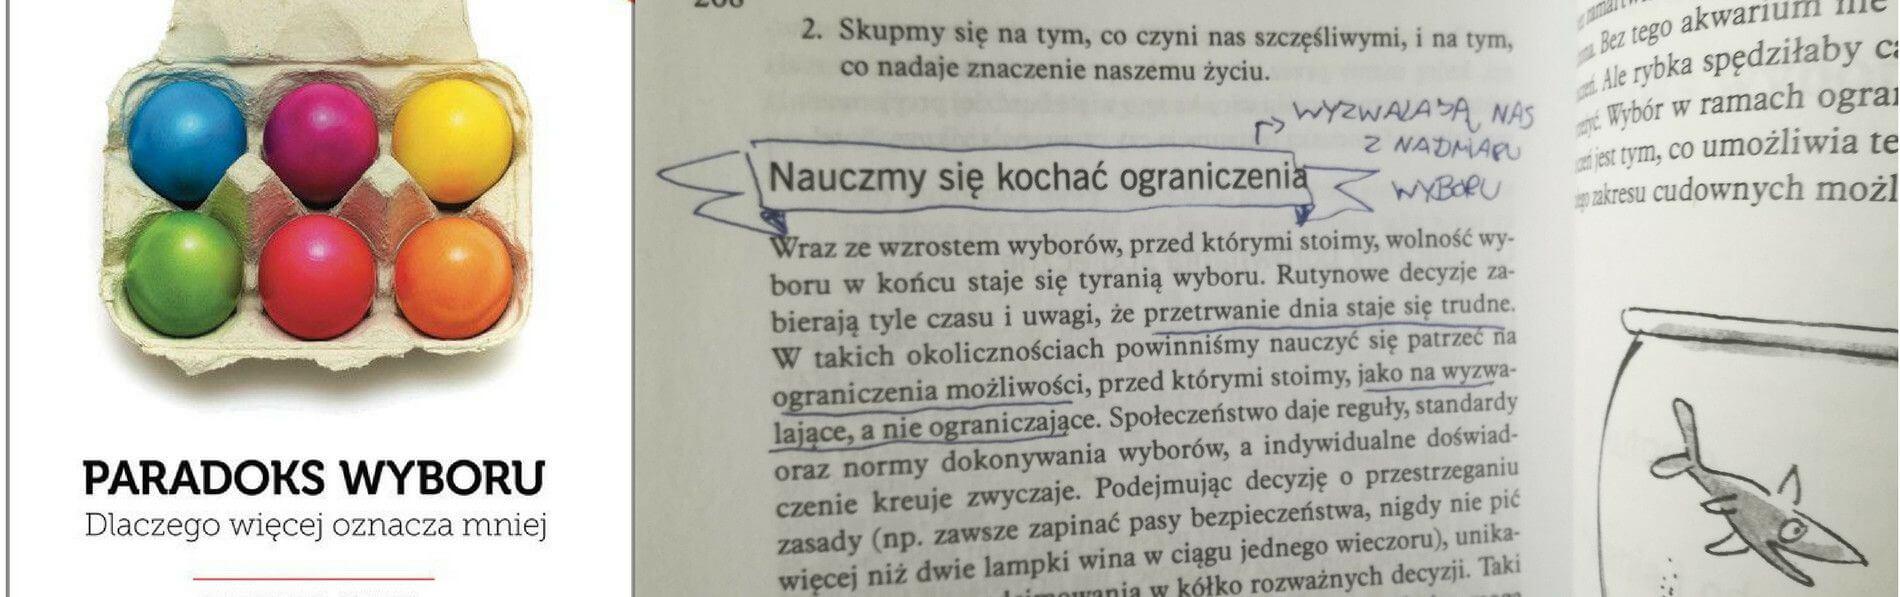 Recenzja Książki Sztuka Błądzenia - Andrzej Bernardyn